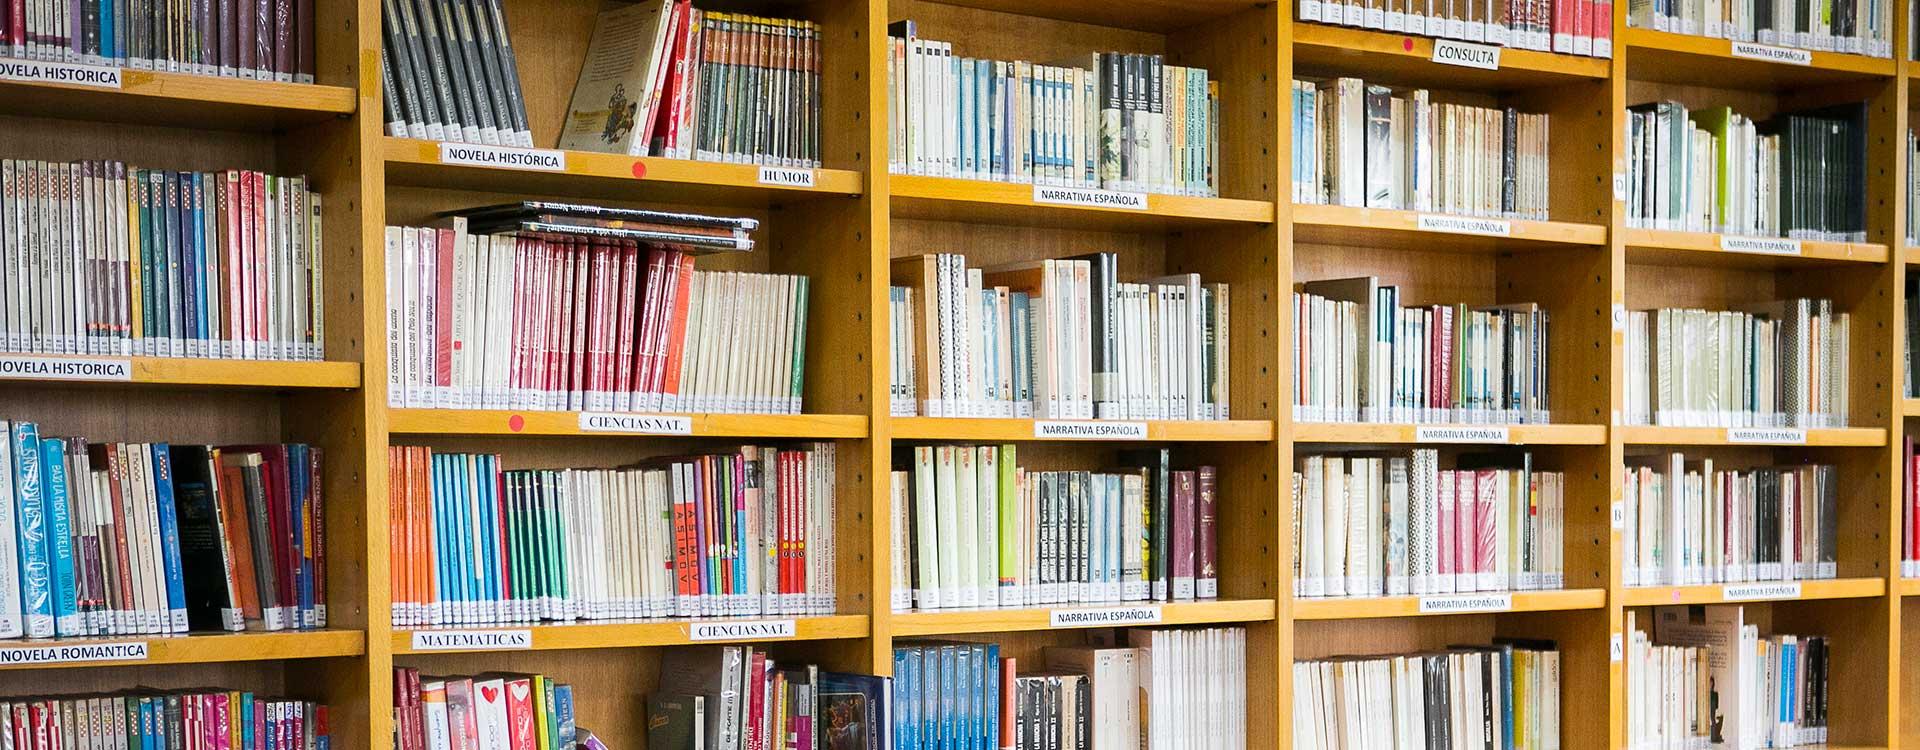 Biblioteca - Colegio Mater